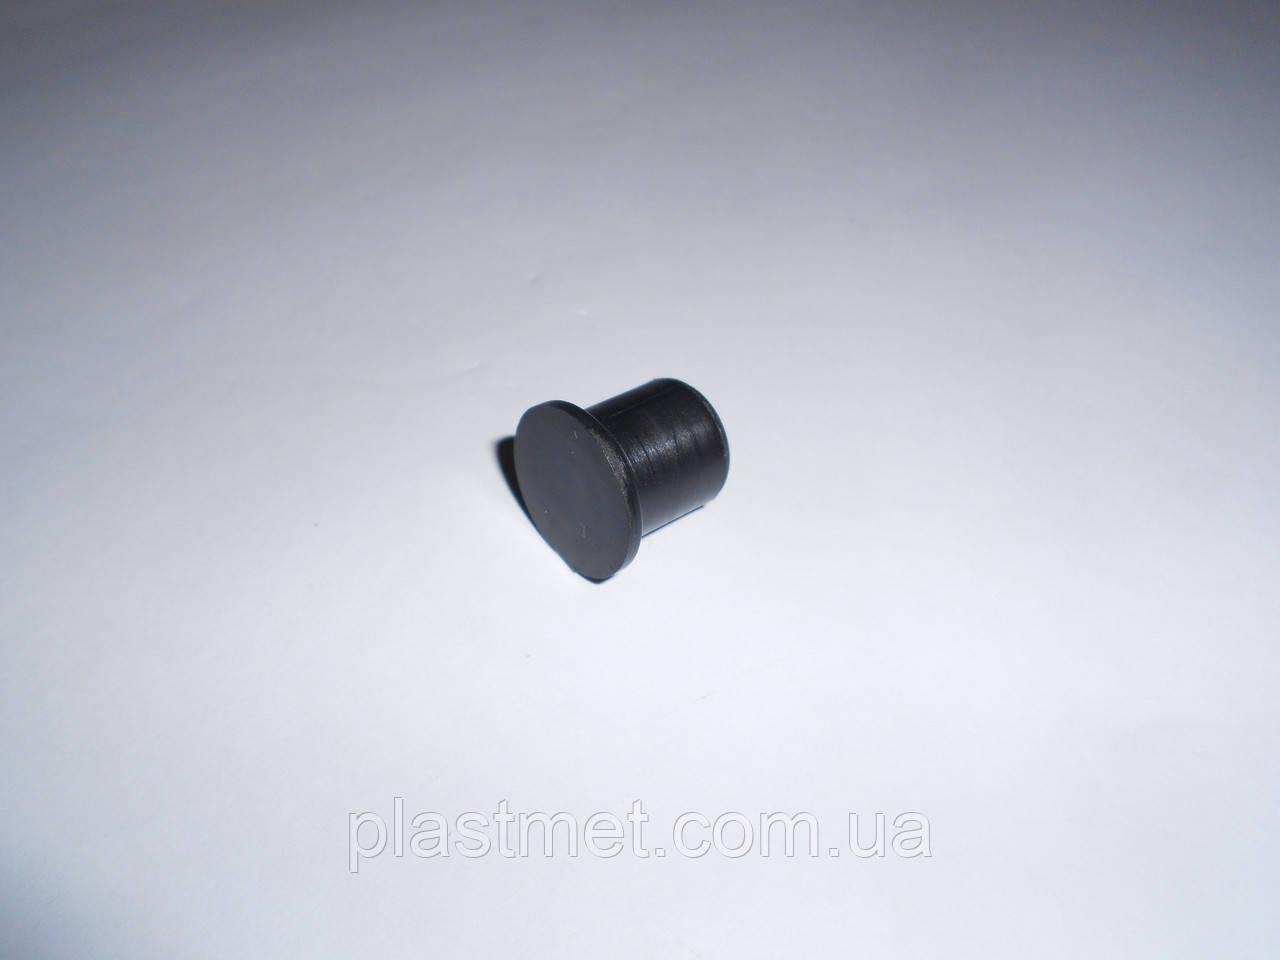 Заглушка для труби кругла 20 мм пластикова